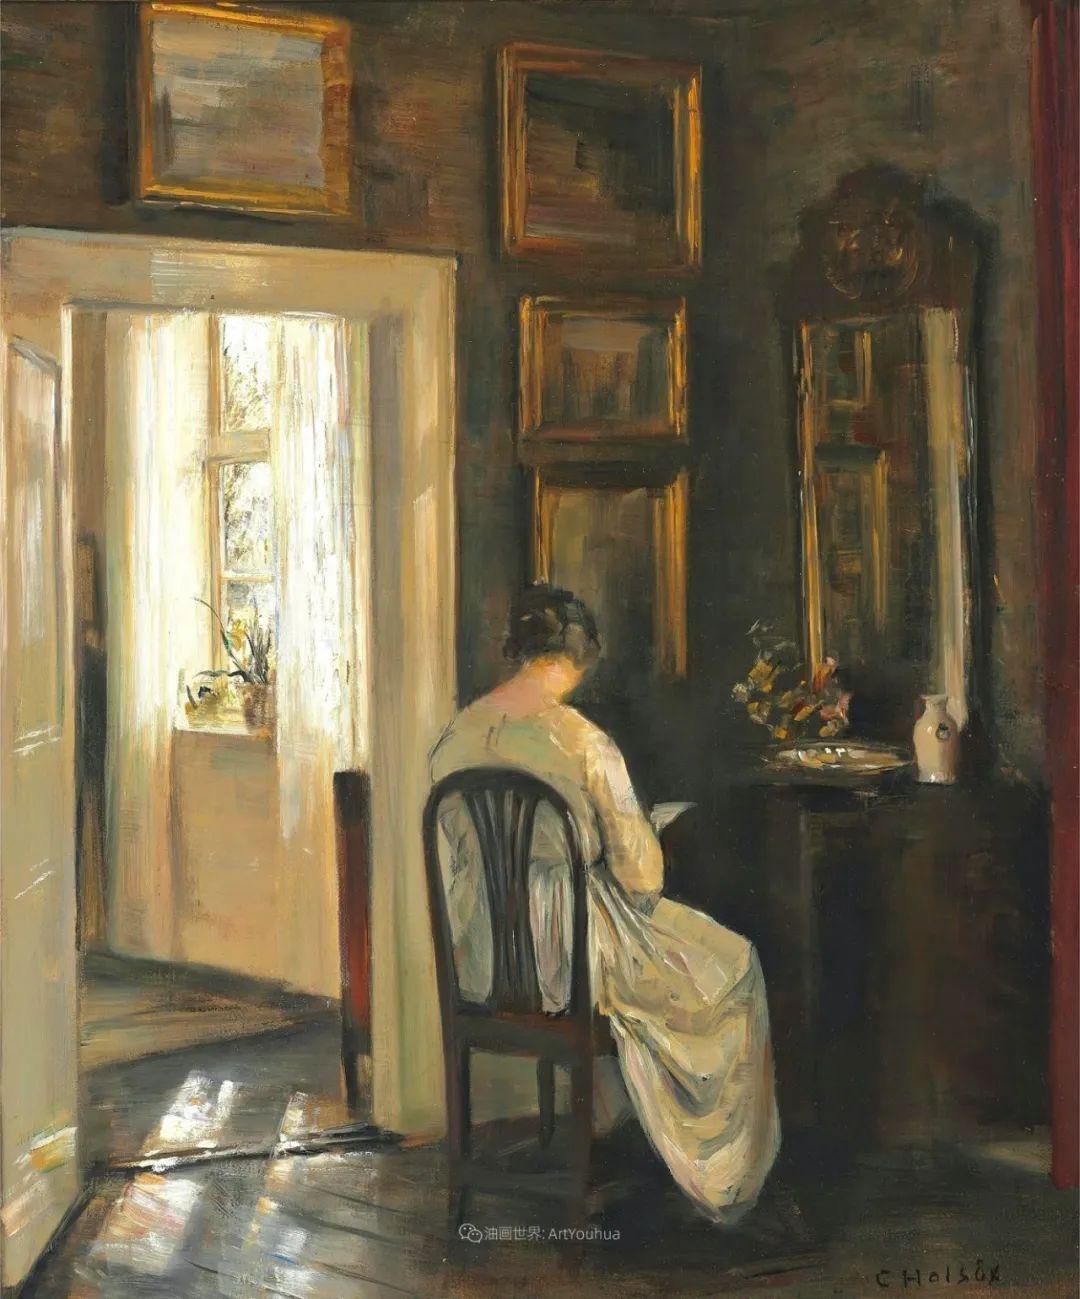 看书的女人最美丽,那一刻全世界都安静了!插图35